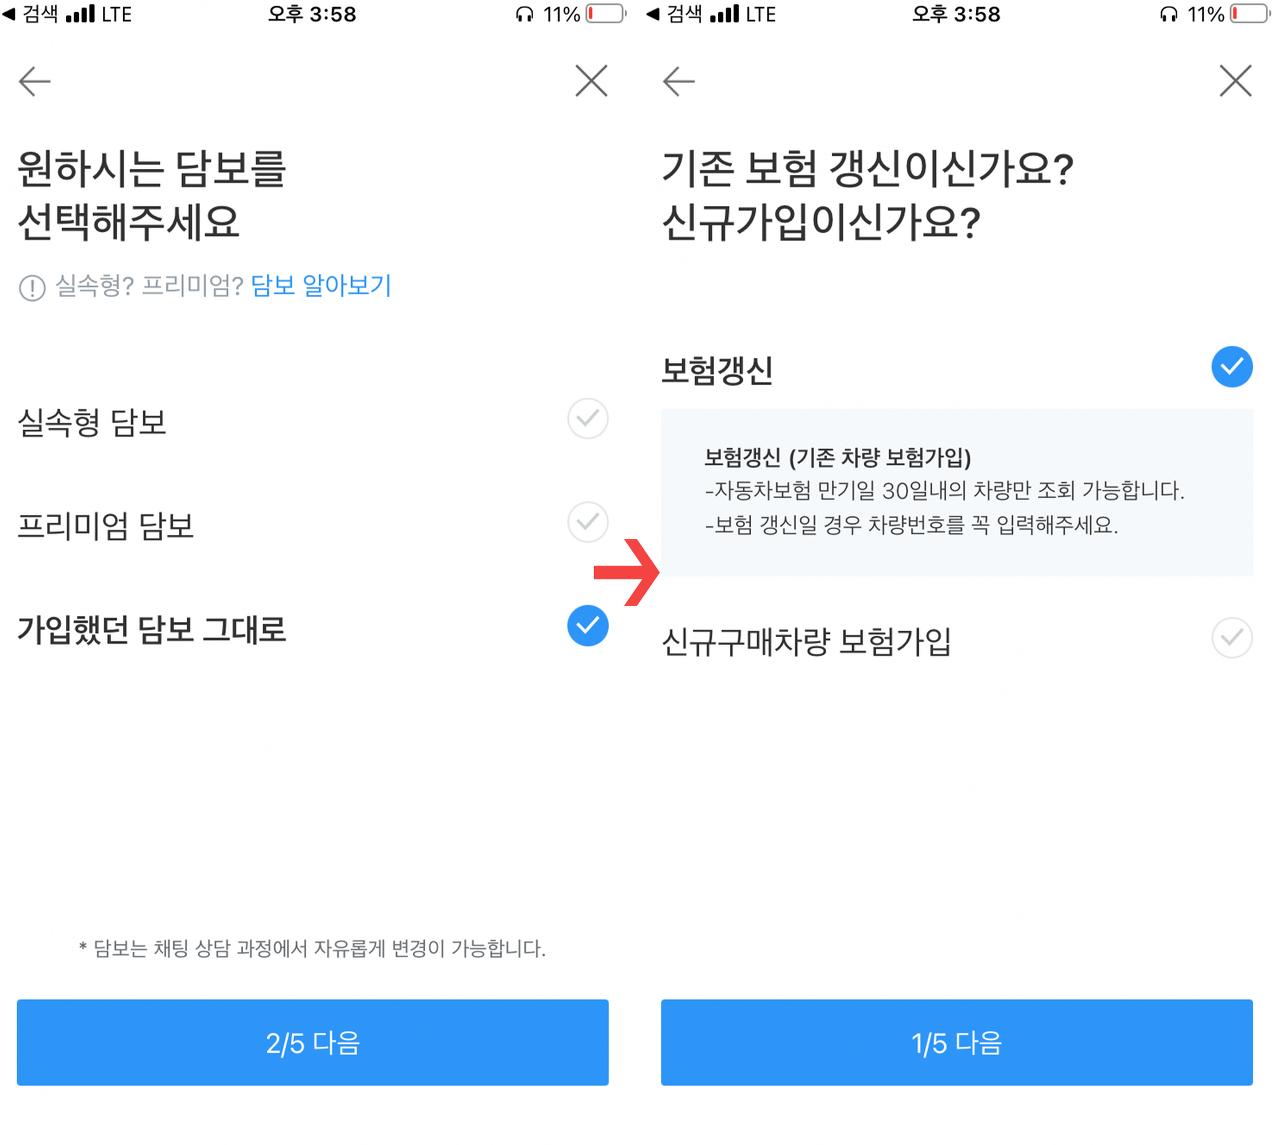 카닥 앱 자동차보험 비교 신청 화면